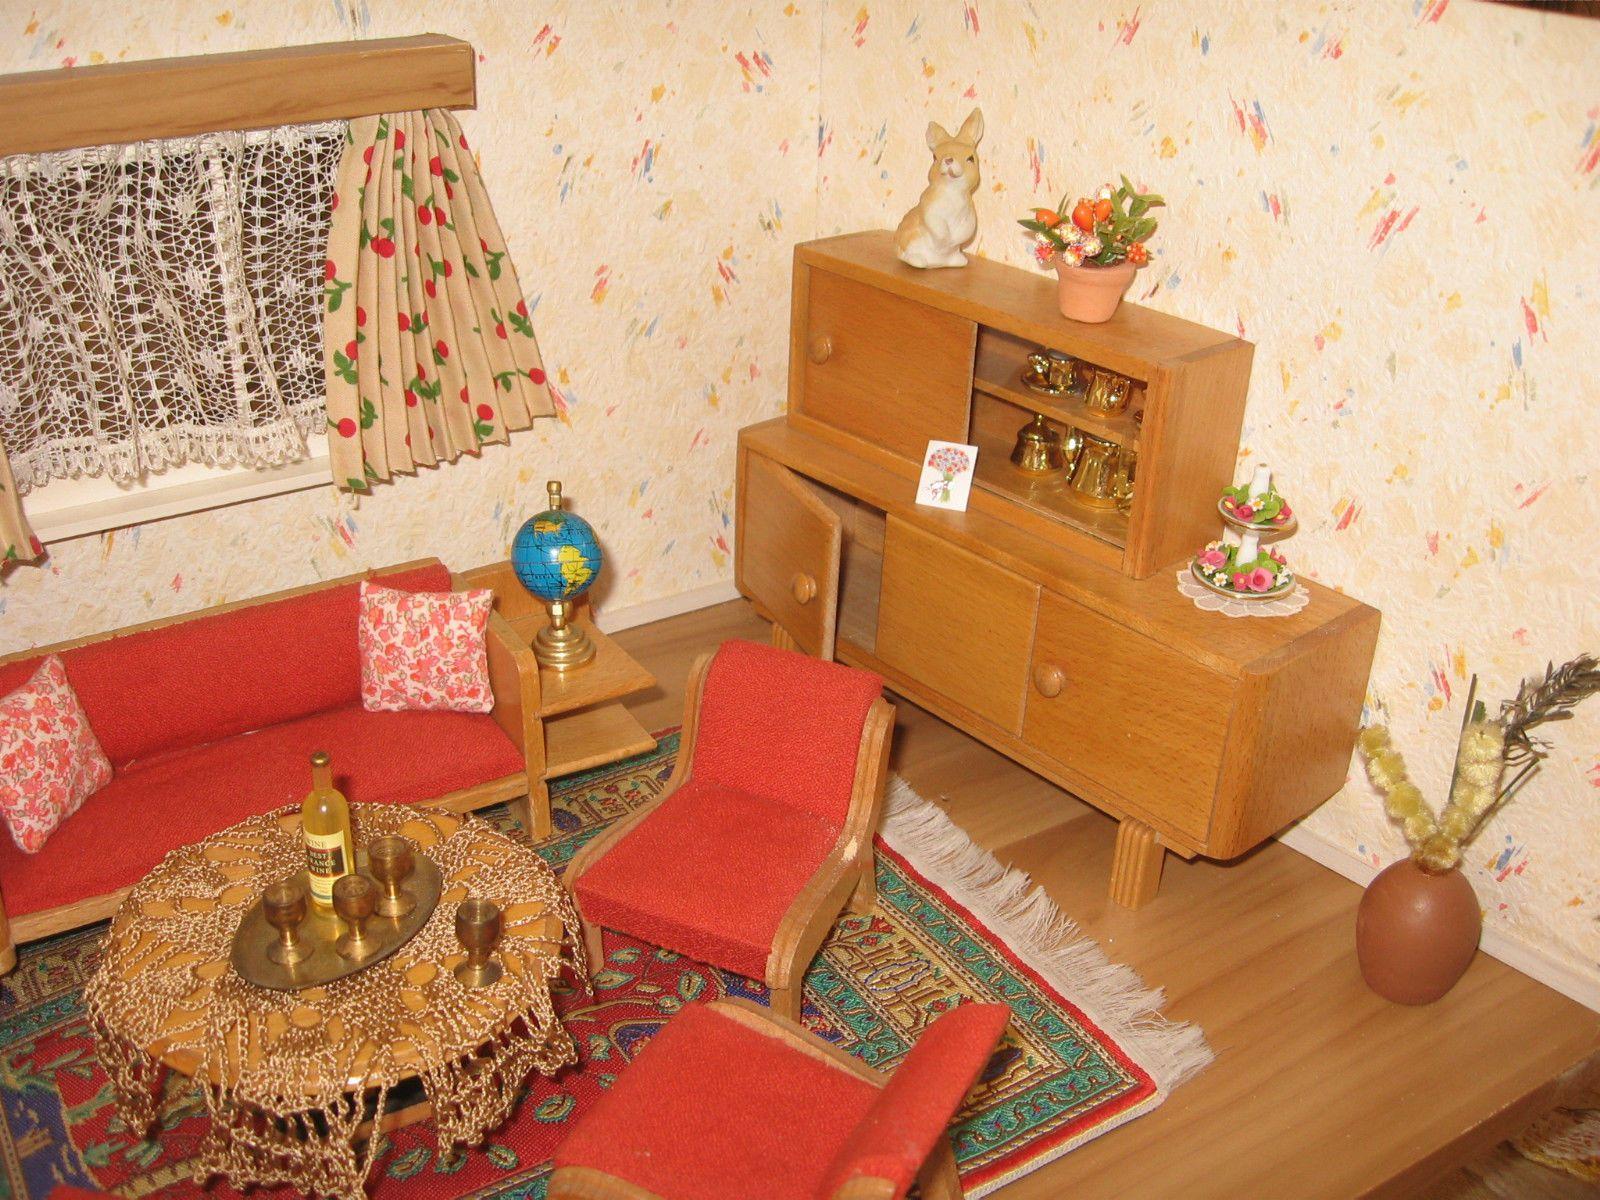 Wohnzimmermöbel Ebay ~ Details zu rülke wohnzimmermöbel zubehör puppenhaus puppenstube